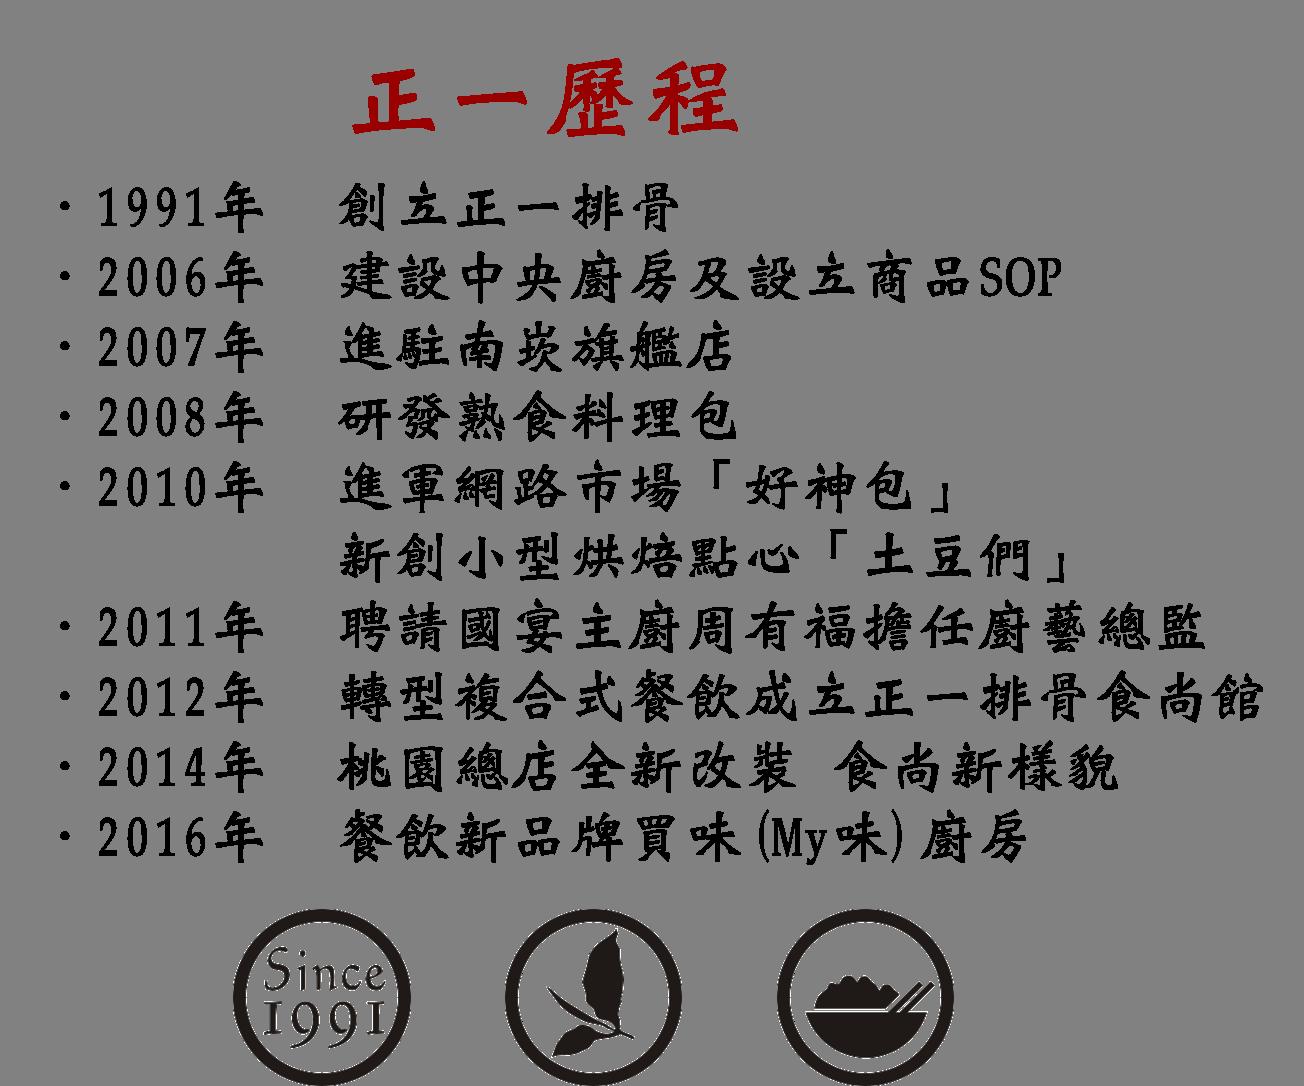 公司介紹圖片.png